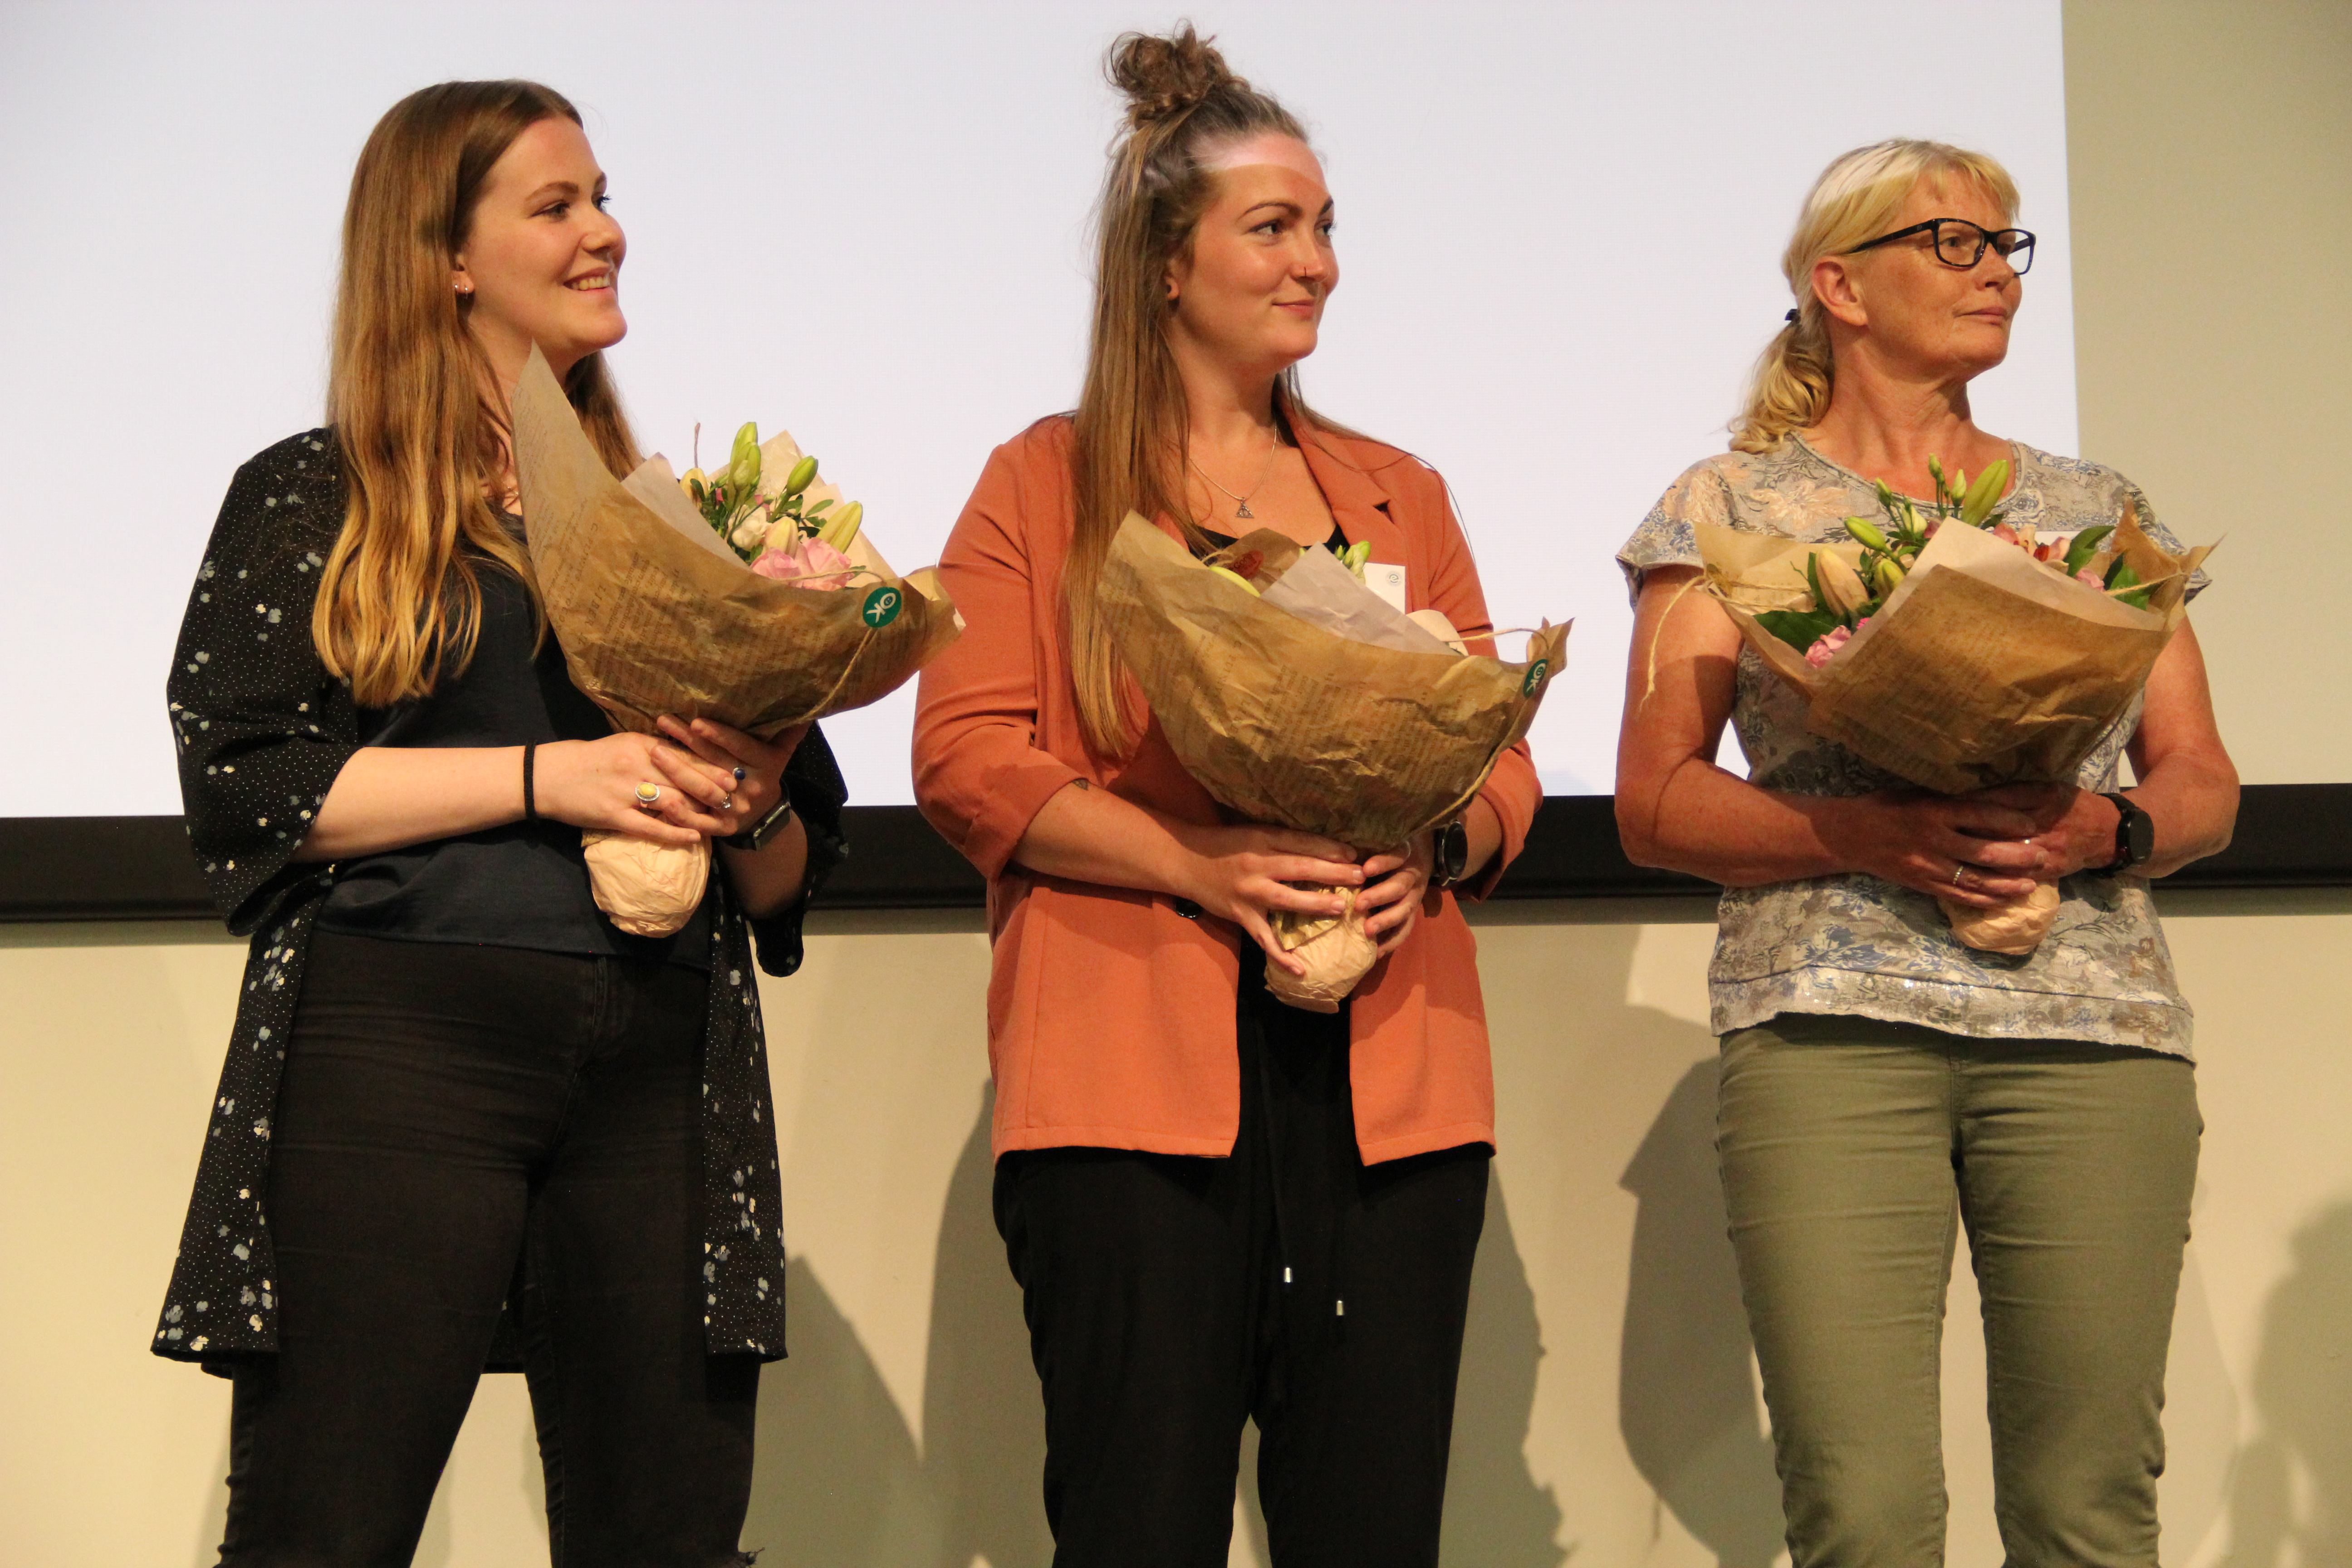 Vinderne af dette forårs bachelorpris: Cecilie Hildebrandt, Mie Kildegaard og Pia Thomsen har undersøgt AMPS.